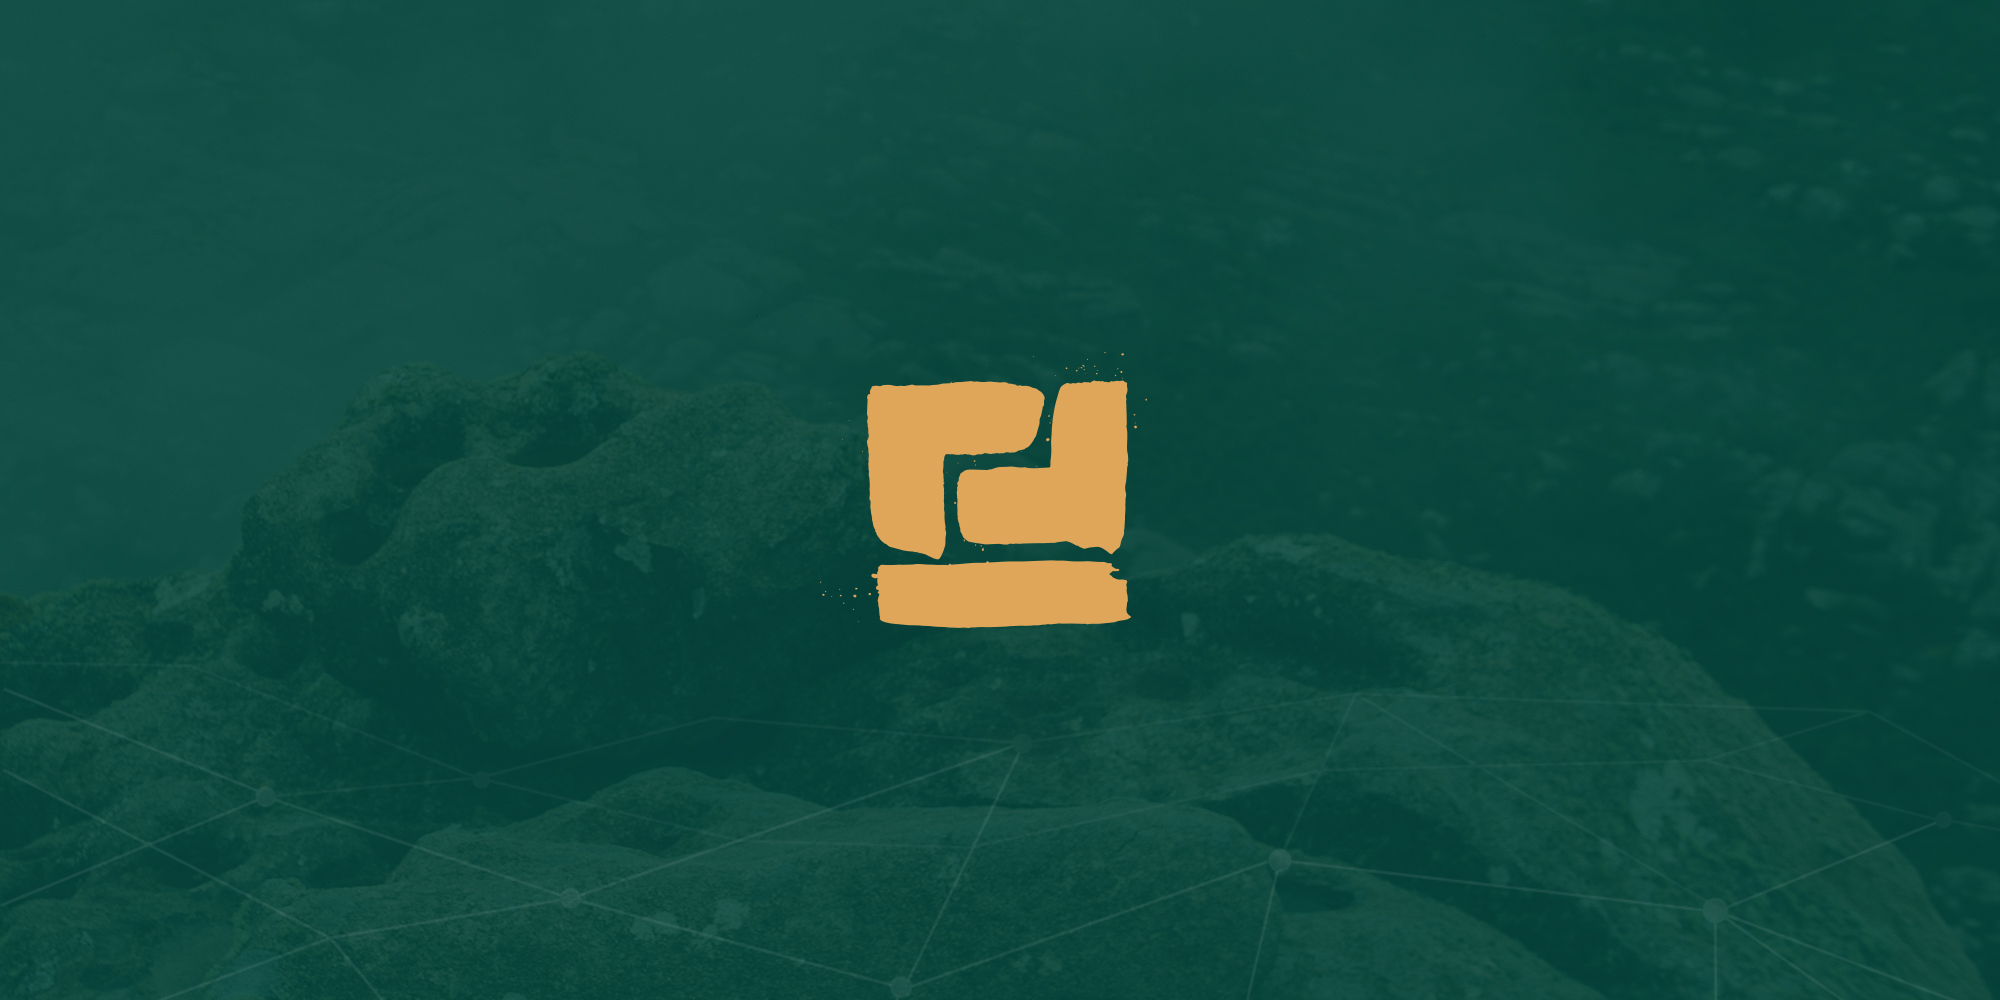 Elephas_Logo_Branding_JulieEckertDesign_2-2.jpg